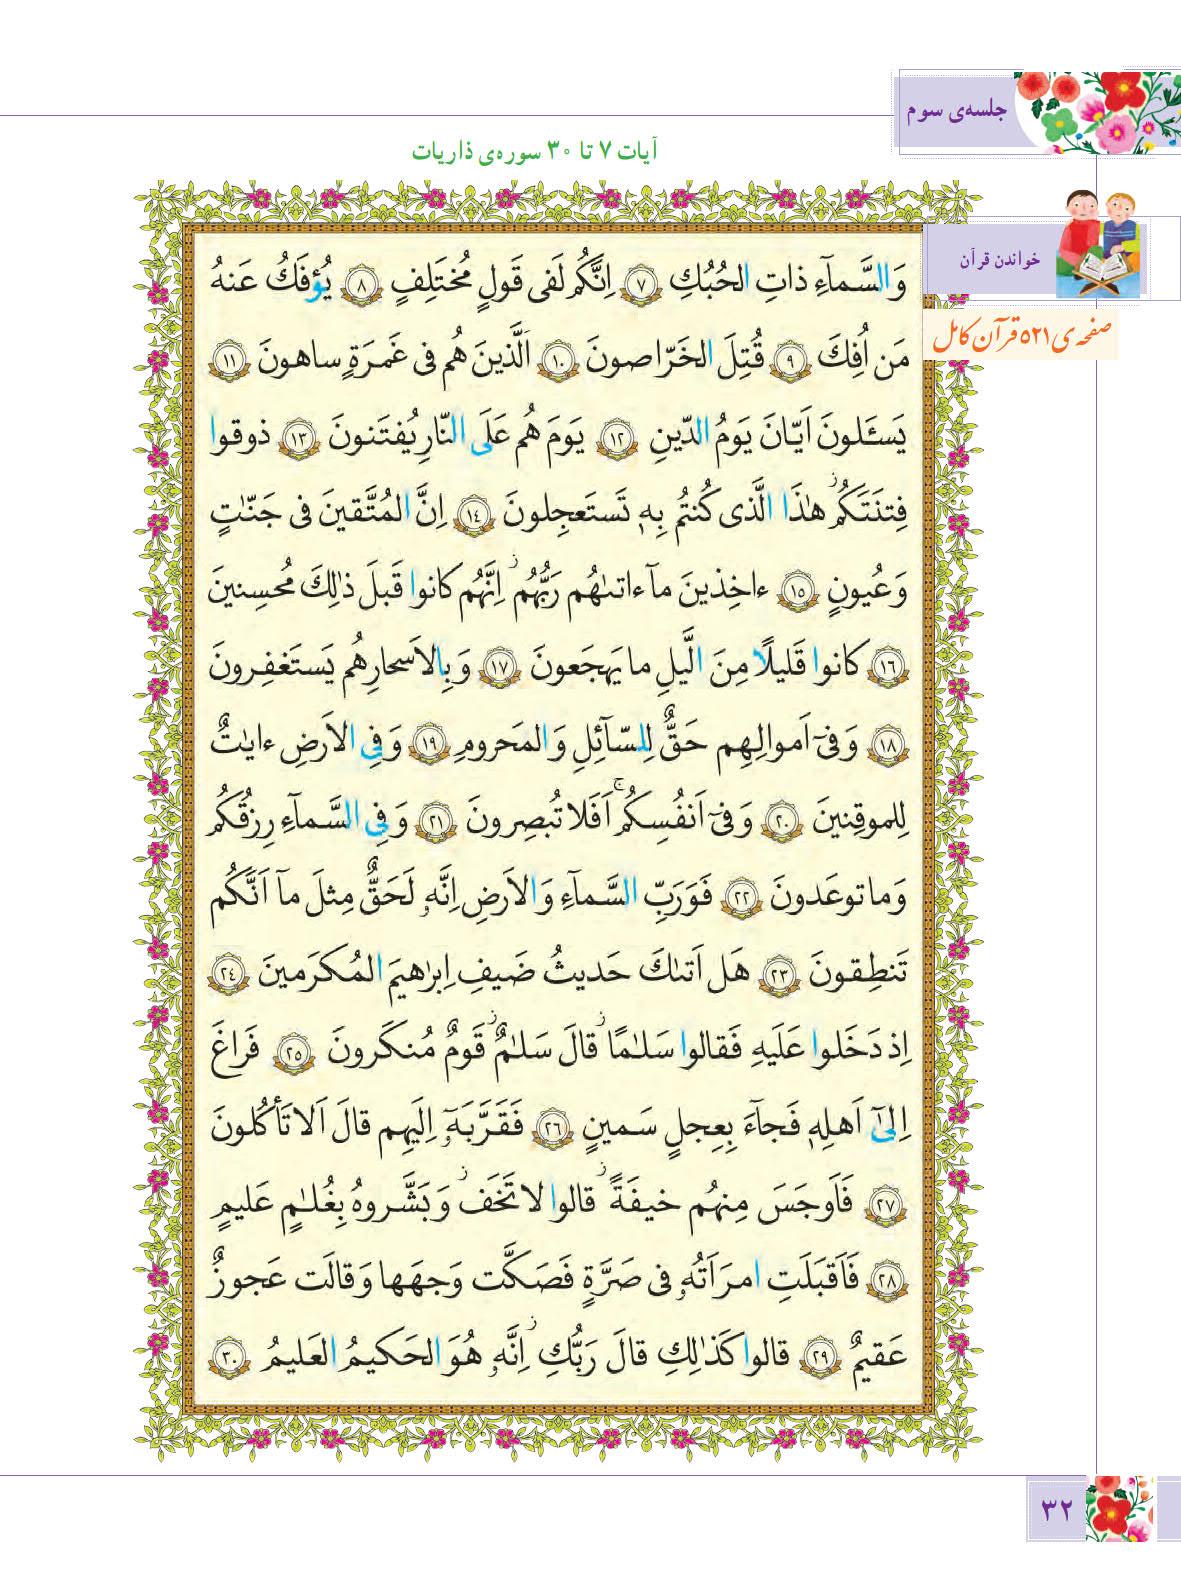 روخوانی و متن صفحه 32 درس پنجم آموزش قرآن ششم ابتدایی - کلاس اینترنتی ما - مومکا - momeka.ir (1)